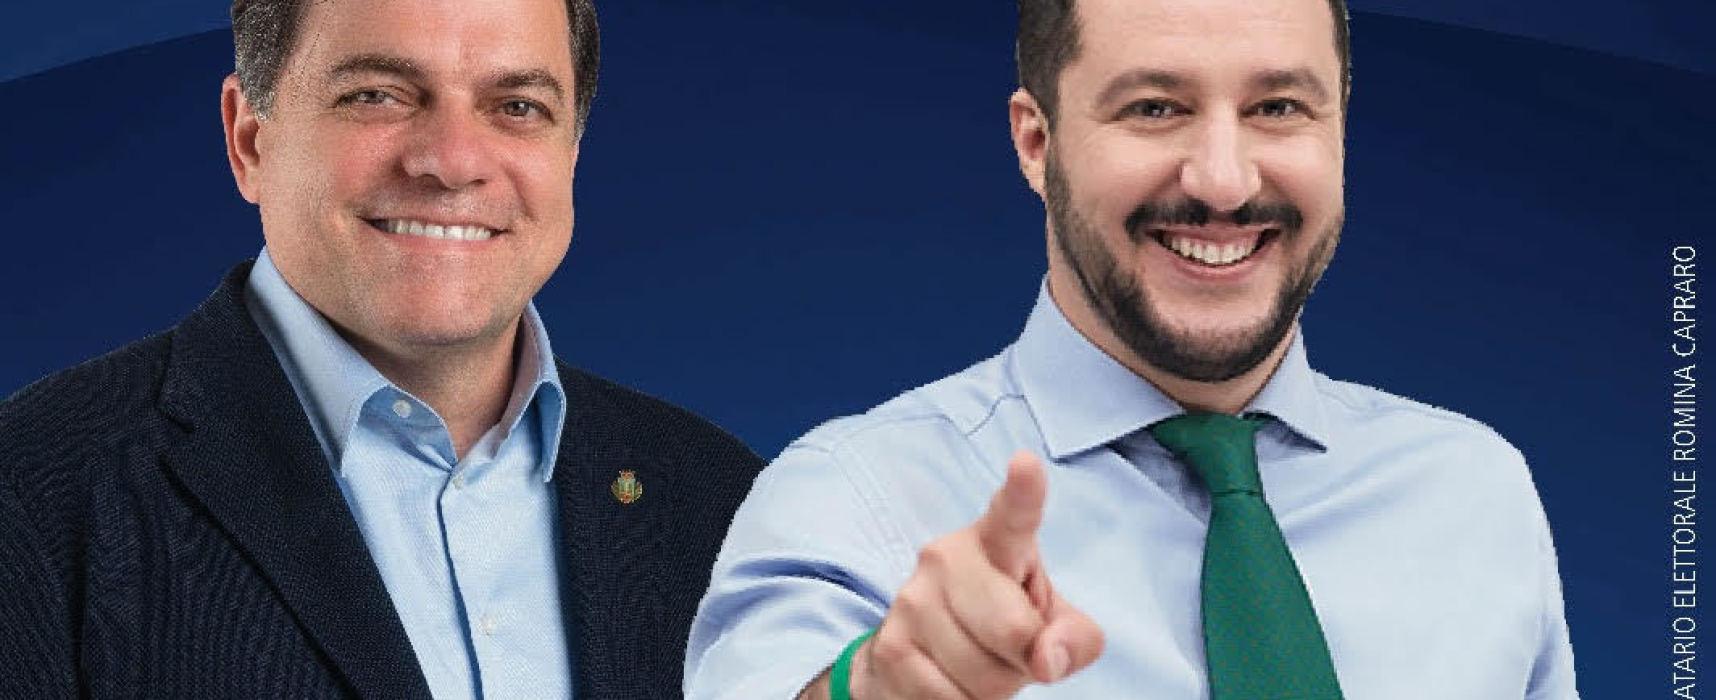 Il Ministro Matteo Salvini a Tonfano. Appuntamento venerdì 22 giugno alle ore 18.00 al Bar Margherita.